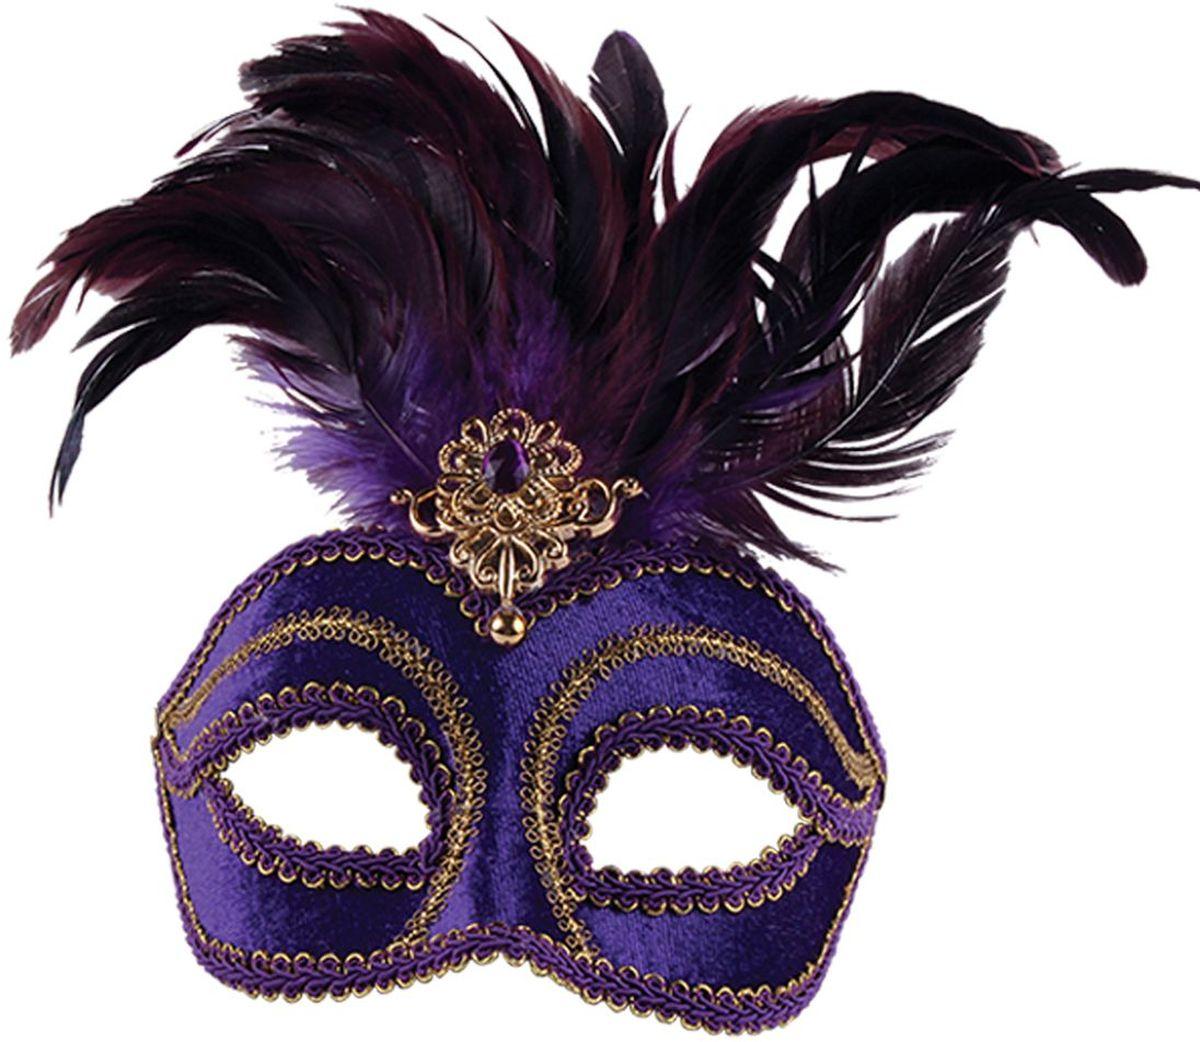 Partymania Маска для карнавала Венеция T1209 цвет фиолетовыйT1209_синяяКрасочное дополнение к карнавальному костюму. Благодаря специальным дужкам, маска легко крепится и не создает проблем даже при длительном ношении. А тематика, отображенная в этой линейке масок, поможет окунуться в атмосферу яркого венецианского карнавала. Четыре дизайна масок поставляются под одним артикулом. Размер упаковки - 188х178х118 мм.